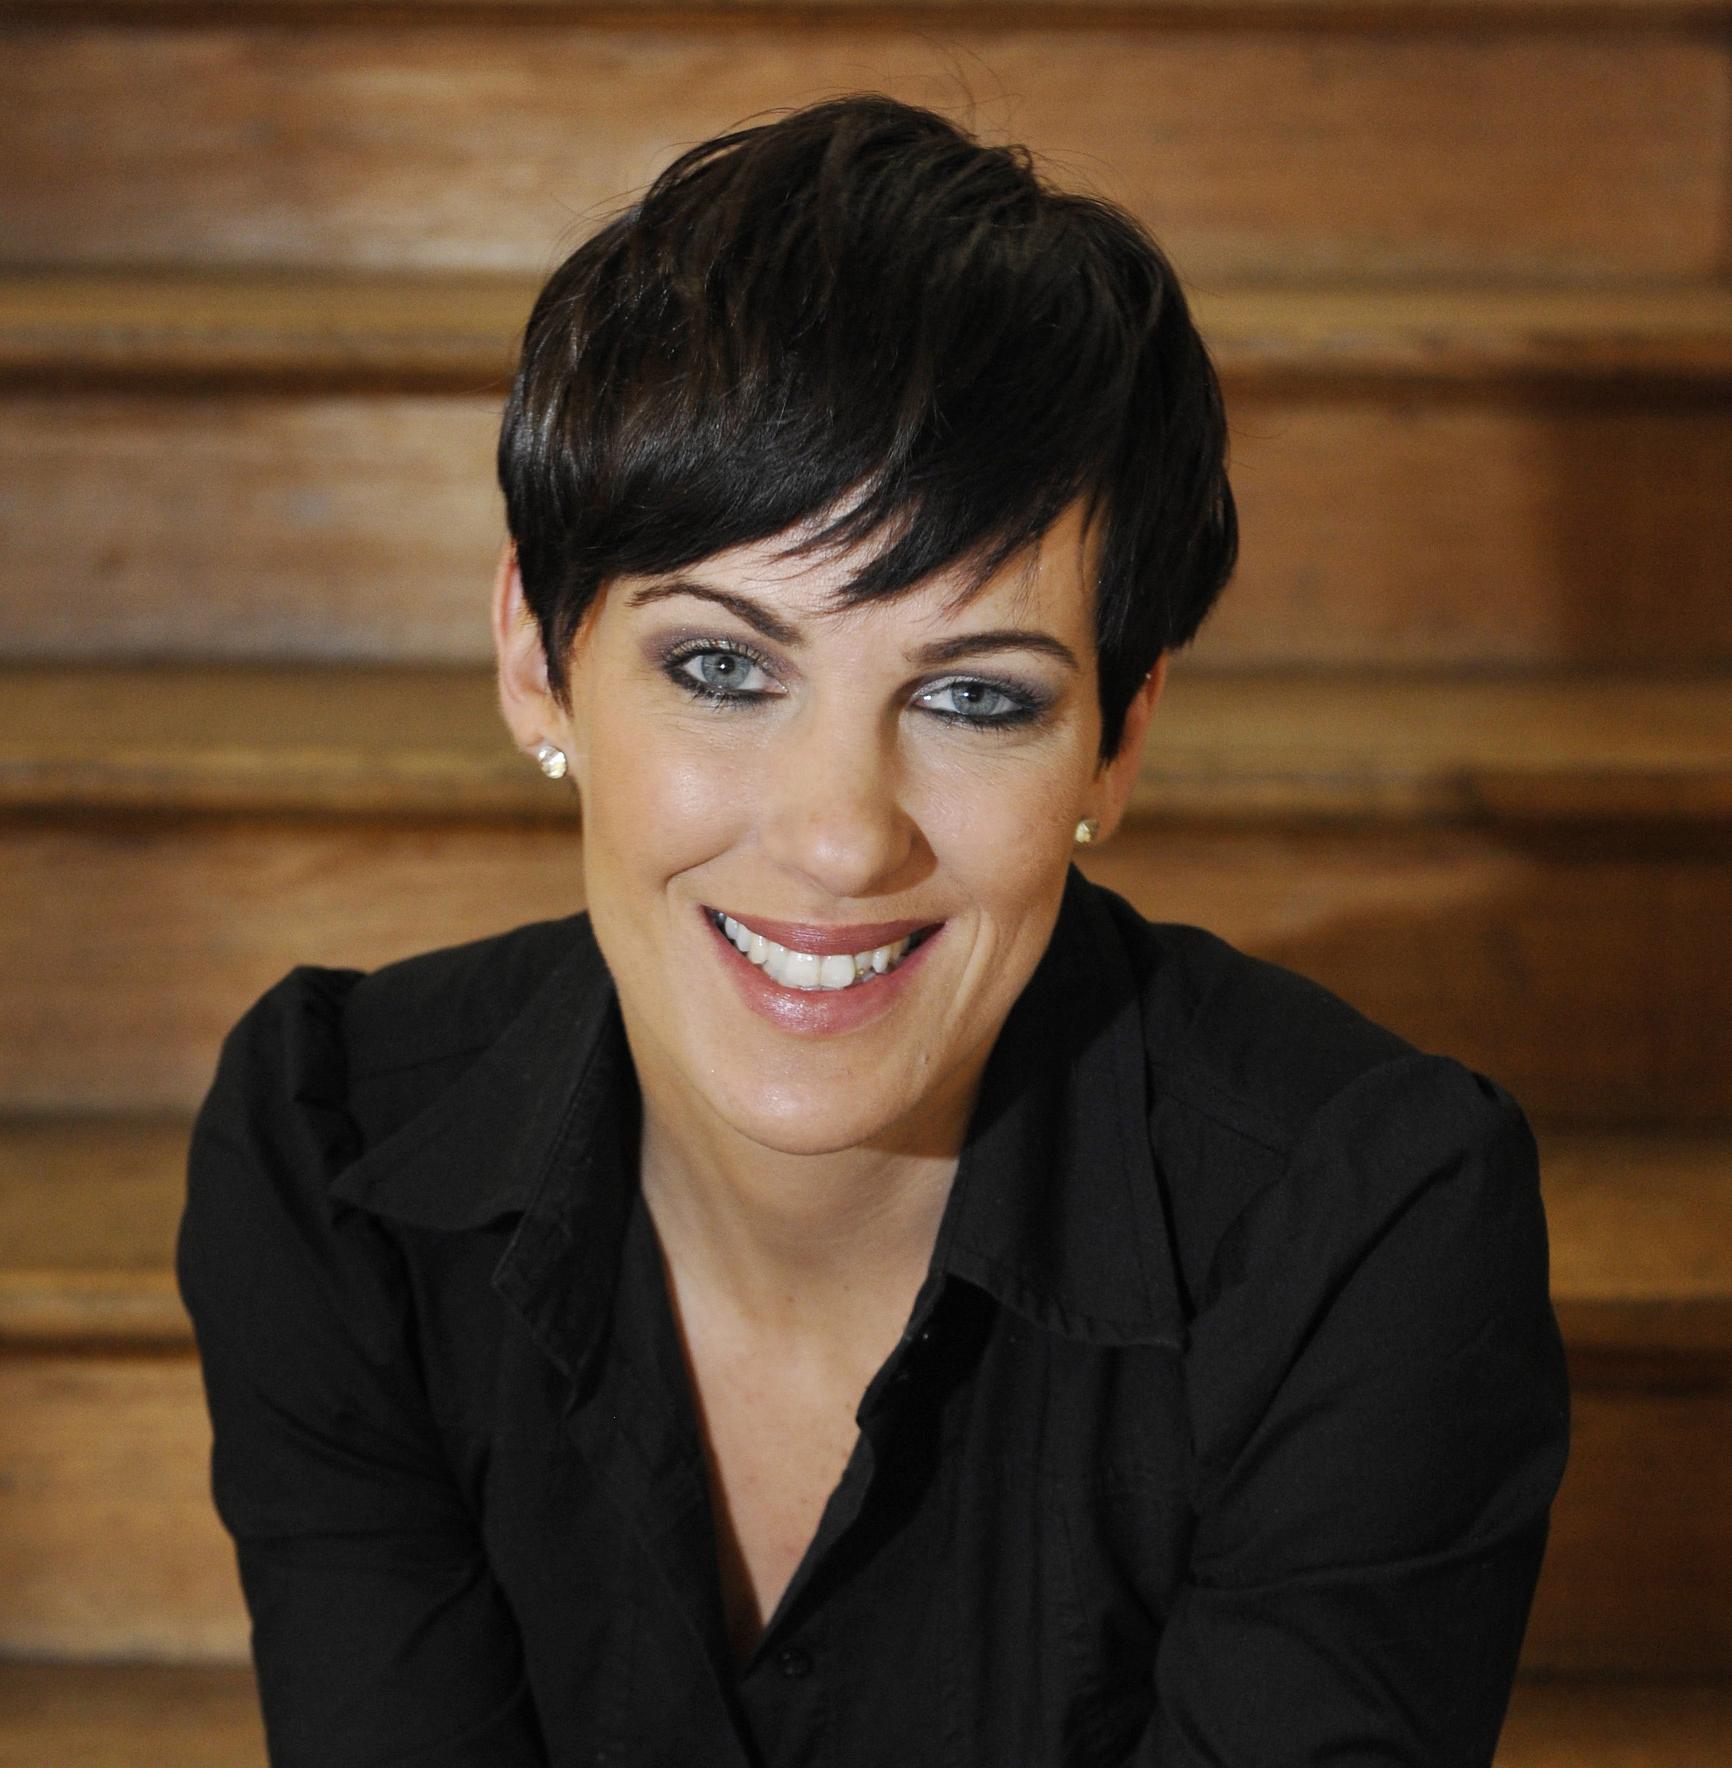 Nadine Borter, Inhaberin der Werbeagentur Contexta. Foto: Philipp Zinniker - NadineBorterClose